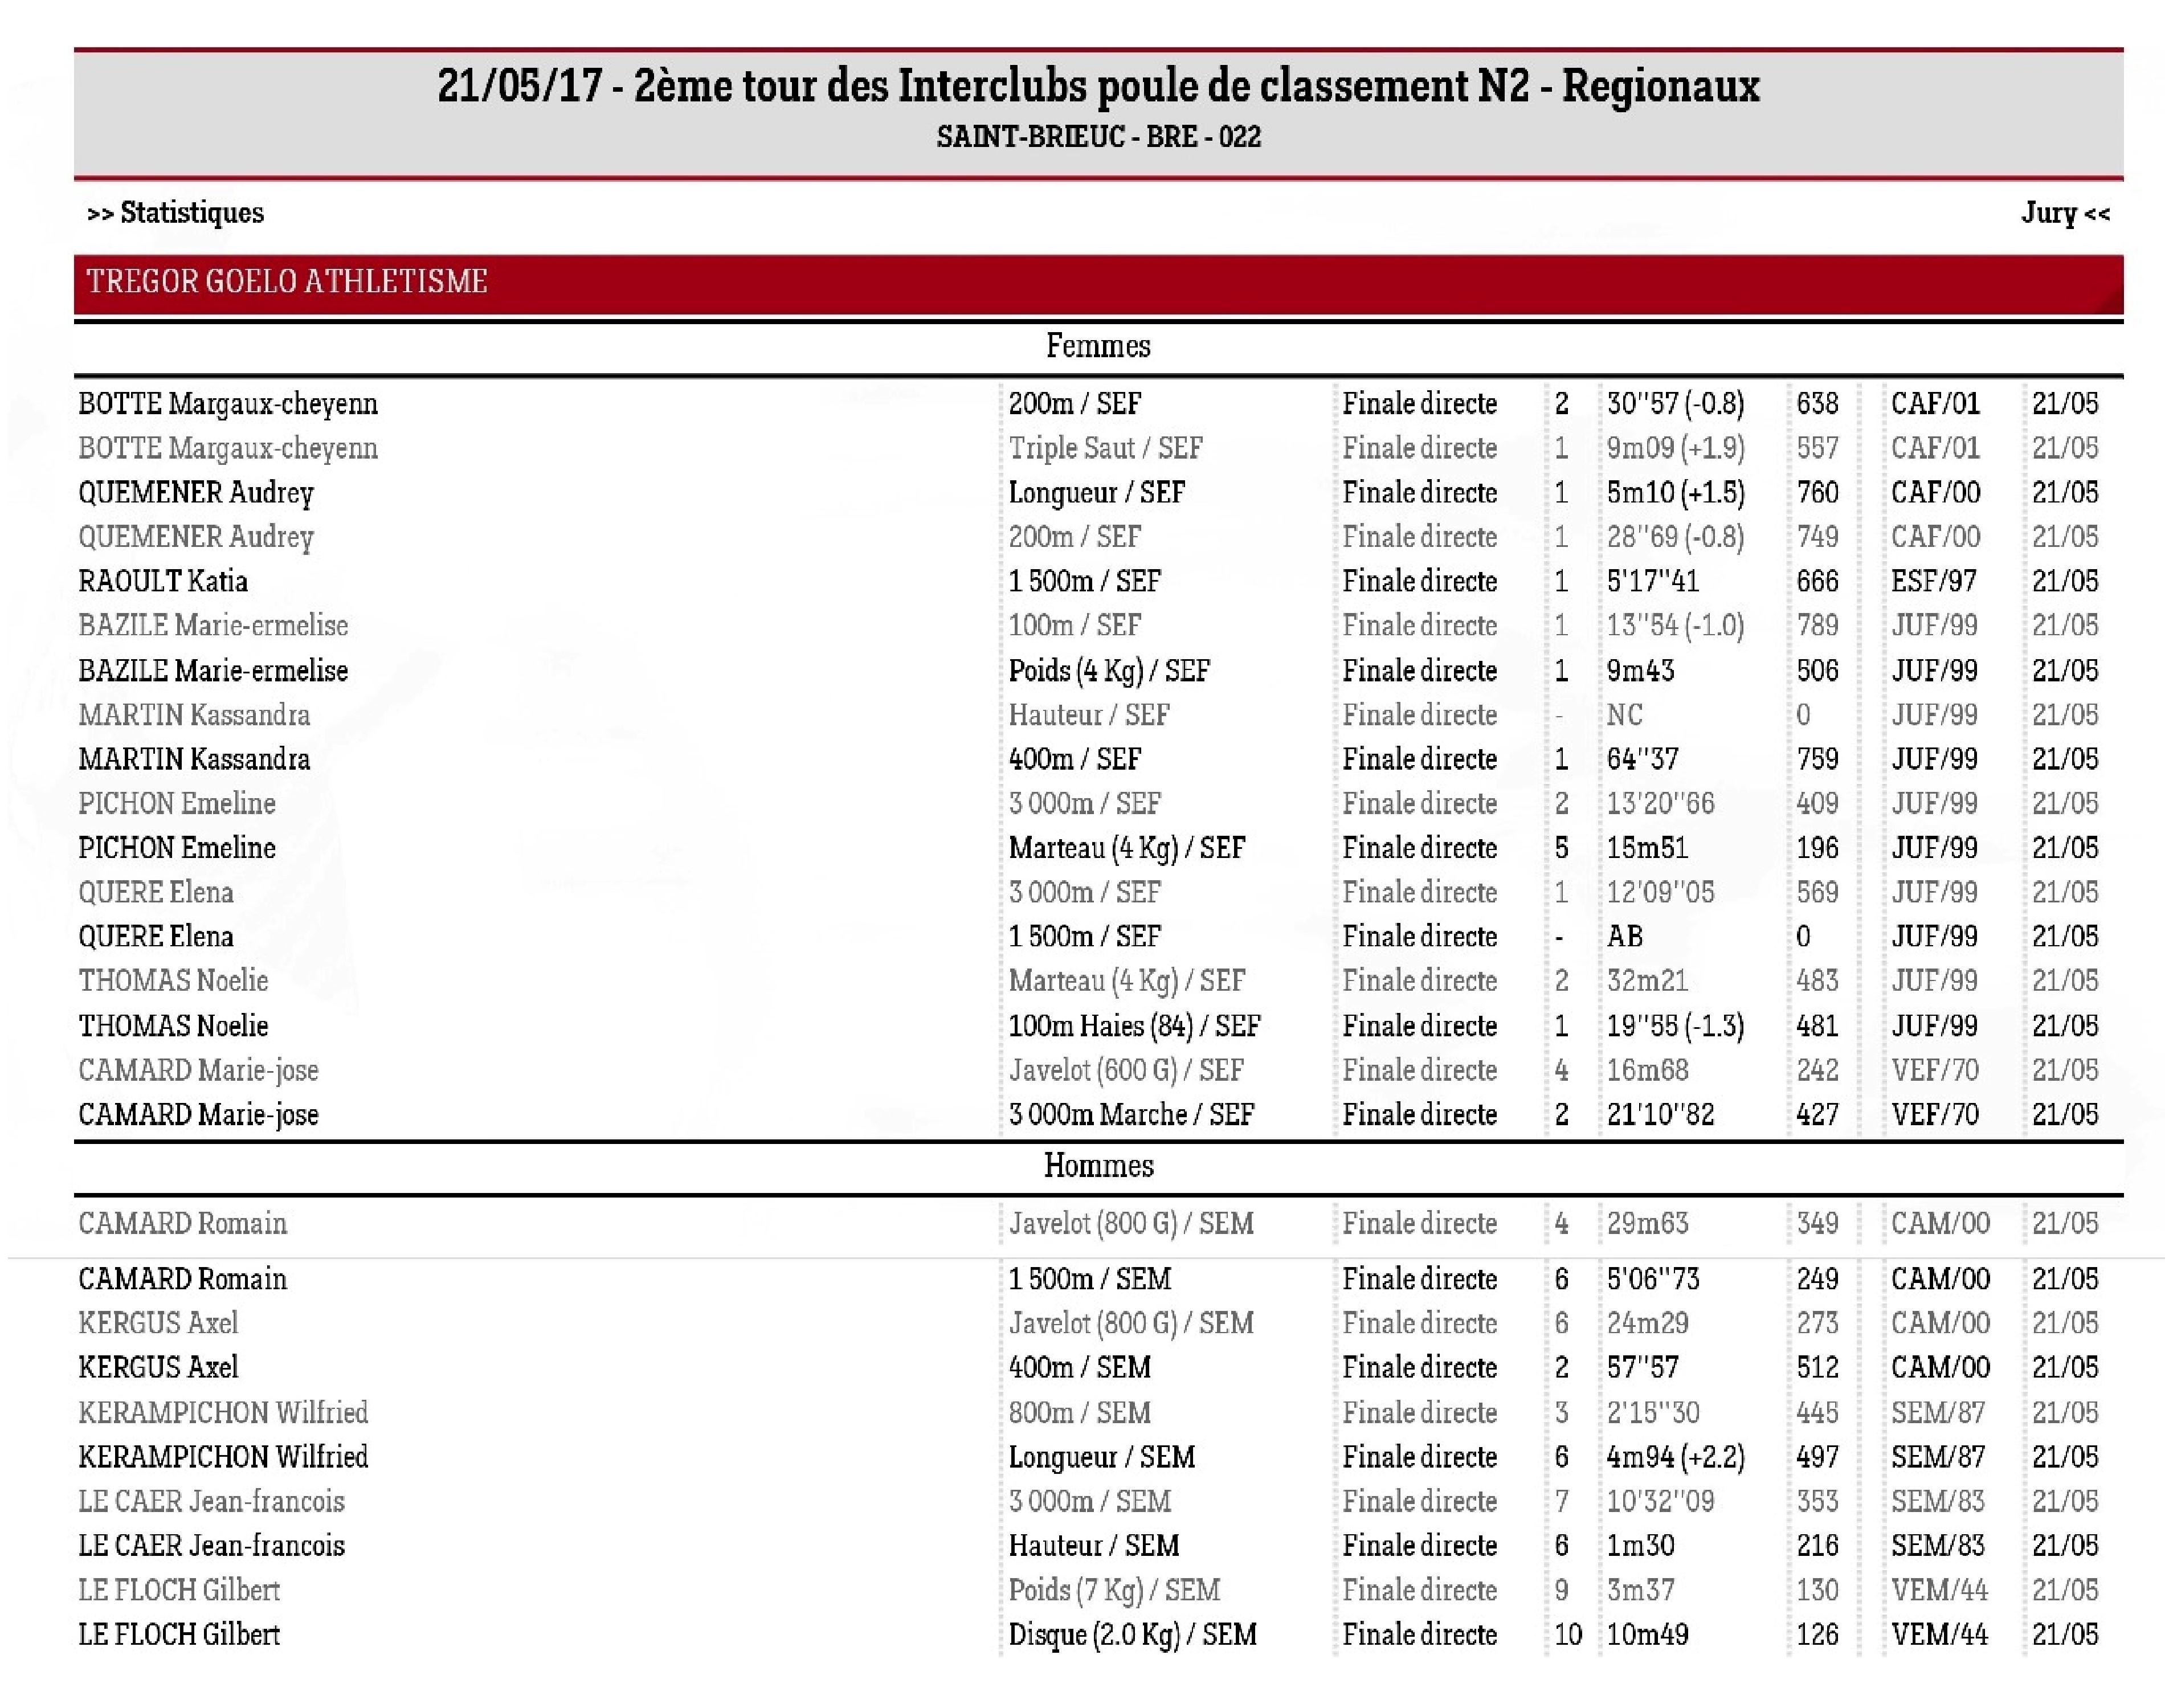 Résultats complets TGA interclubs 2017 (1)